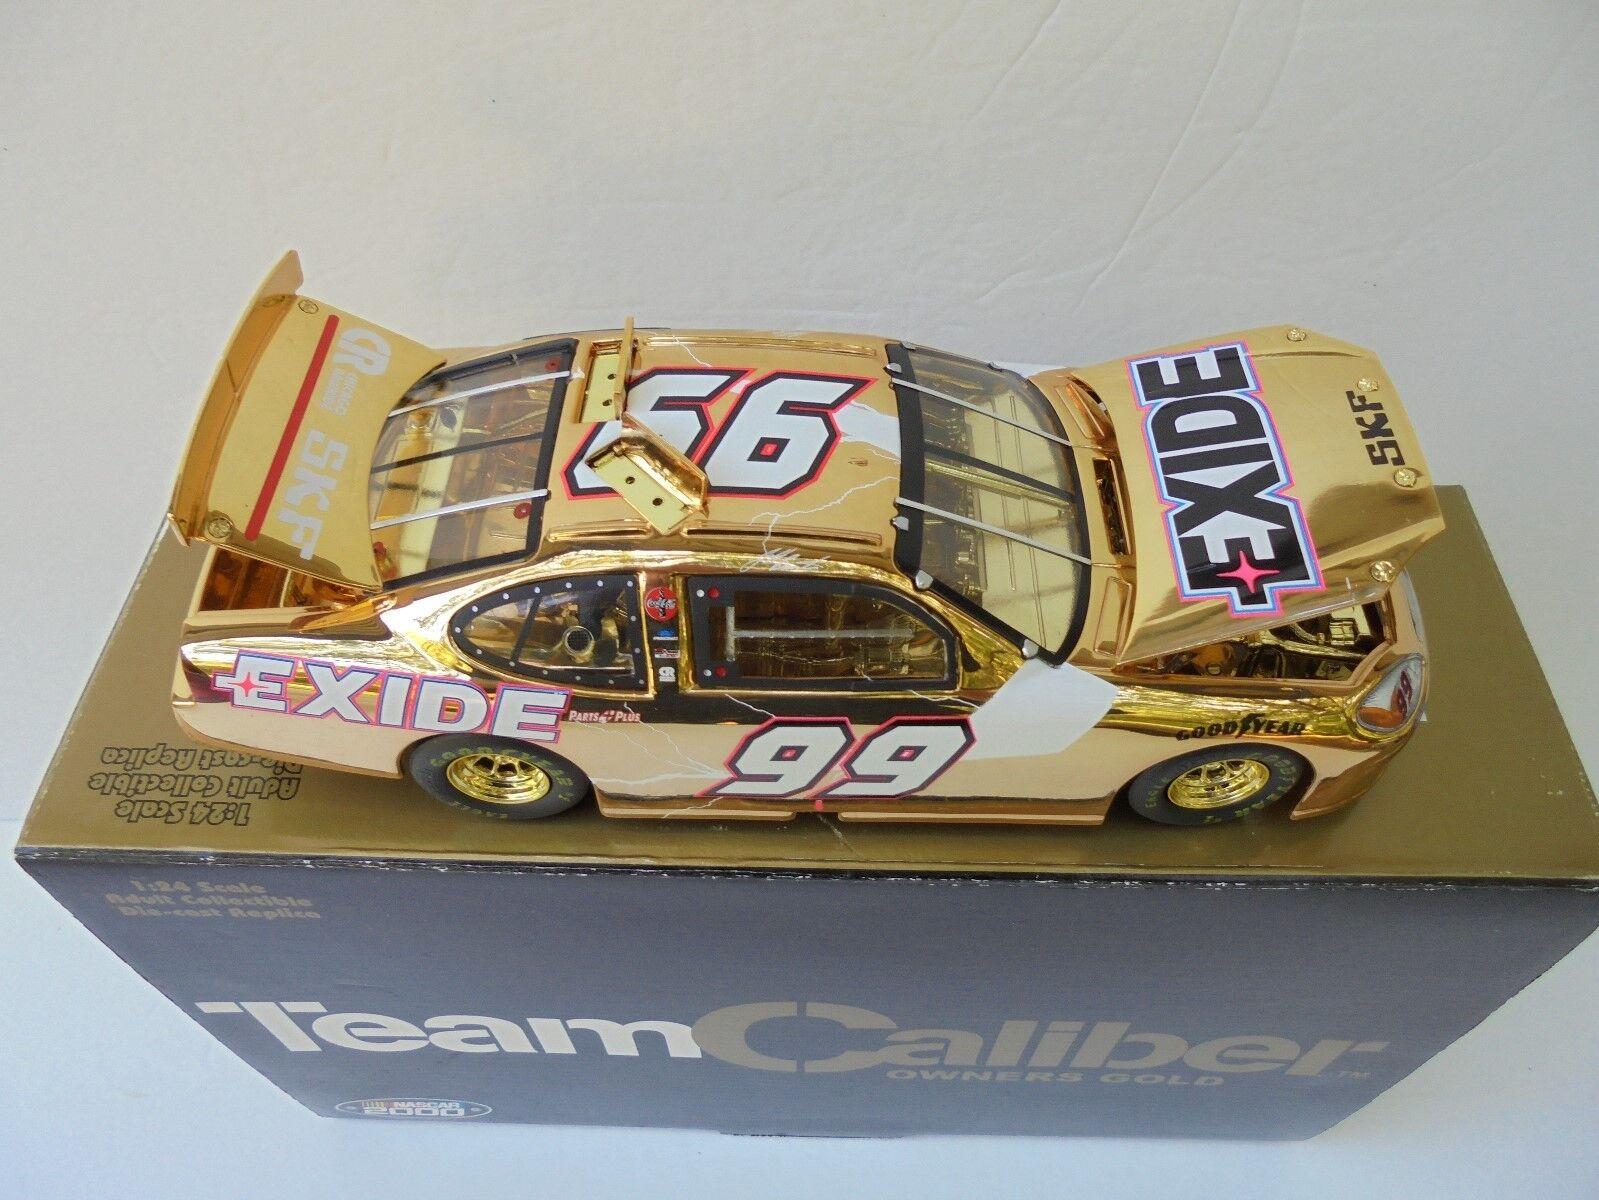 Jeff Burton  99 Exide  2000 Ford Taurus TCOS or 1 24 Nasvoiture Diecast Collectible  à vendre en ligne